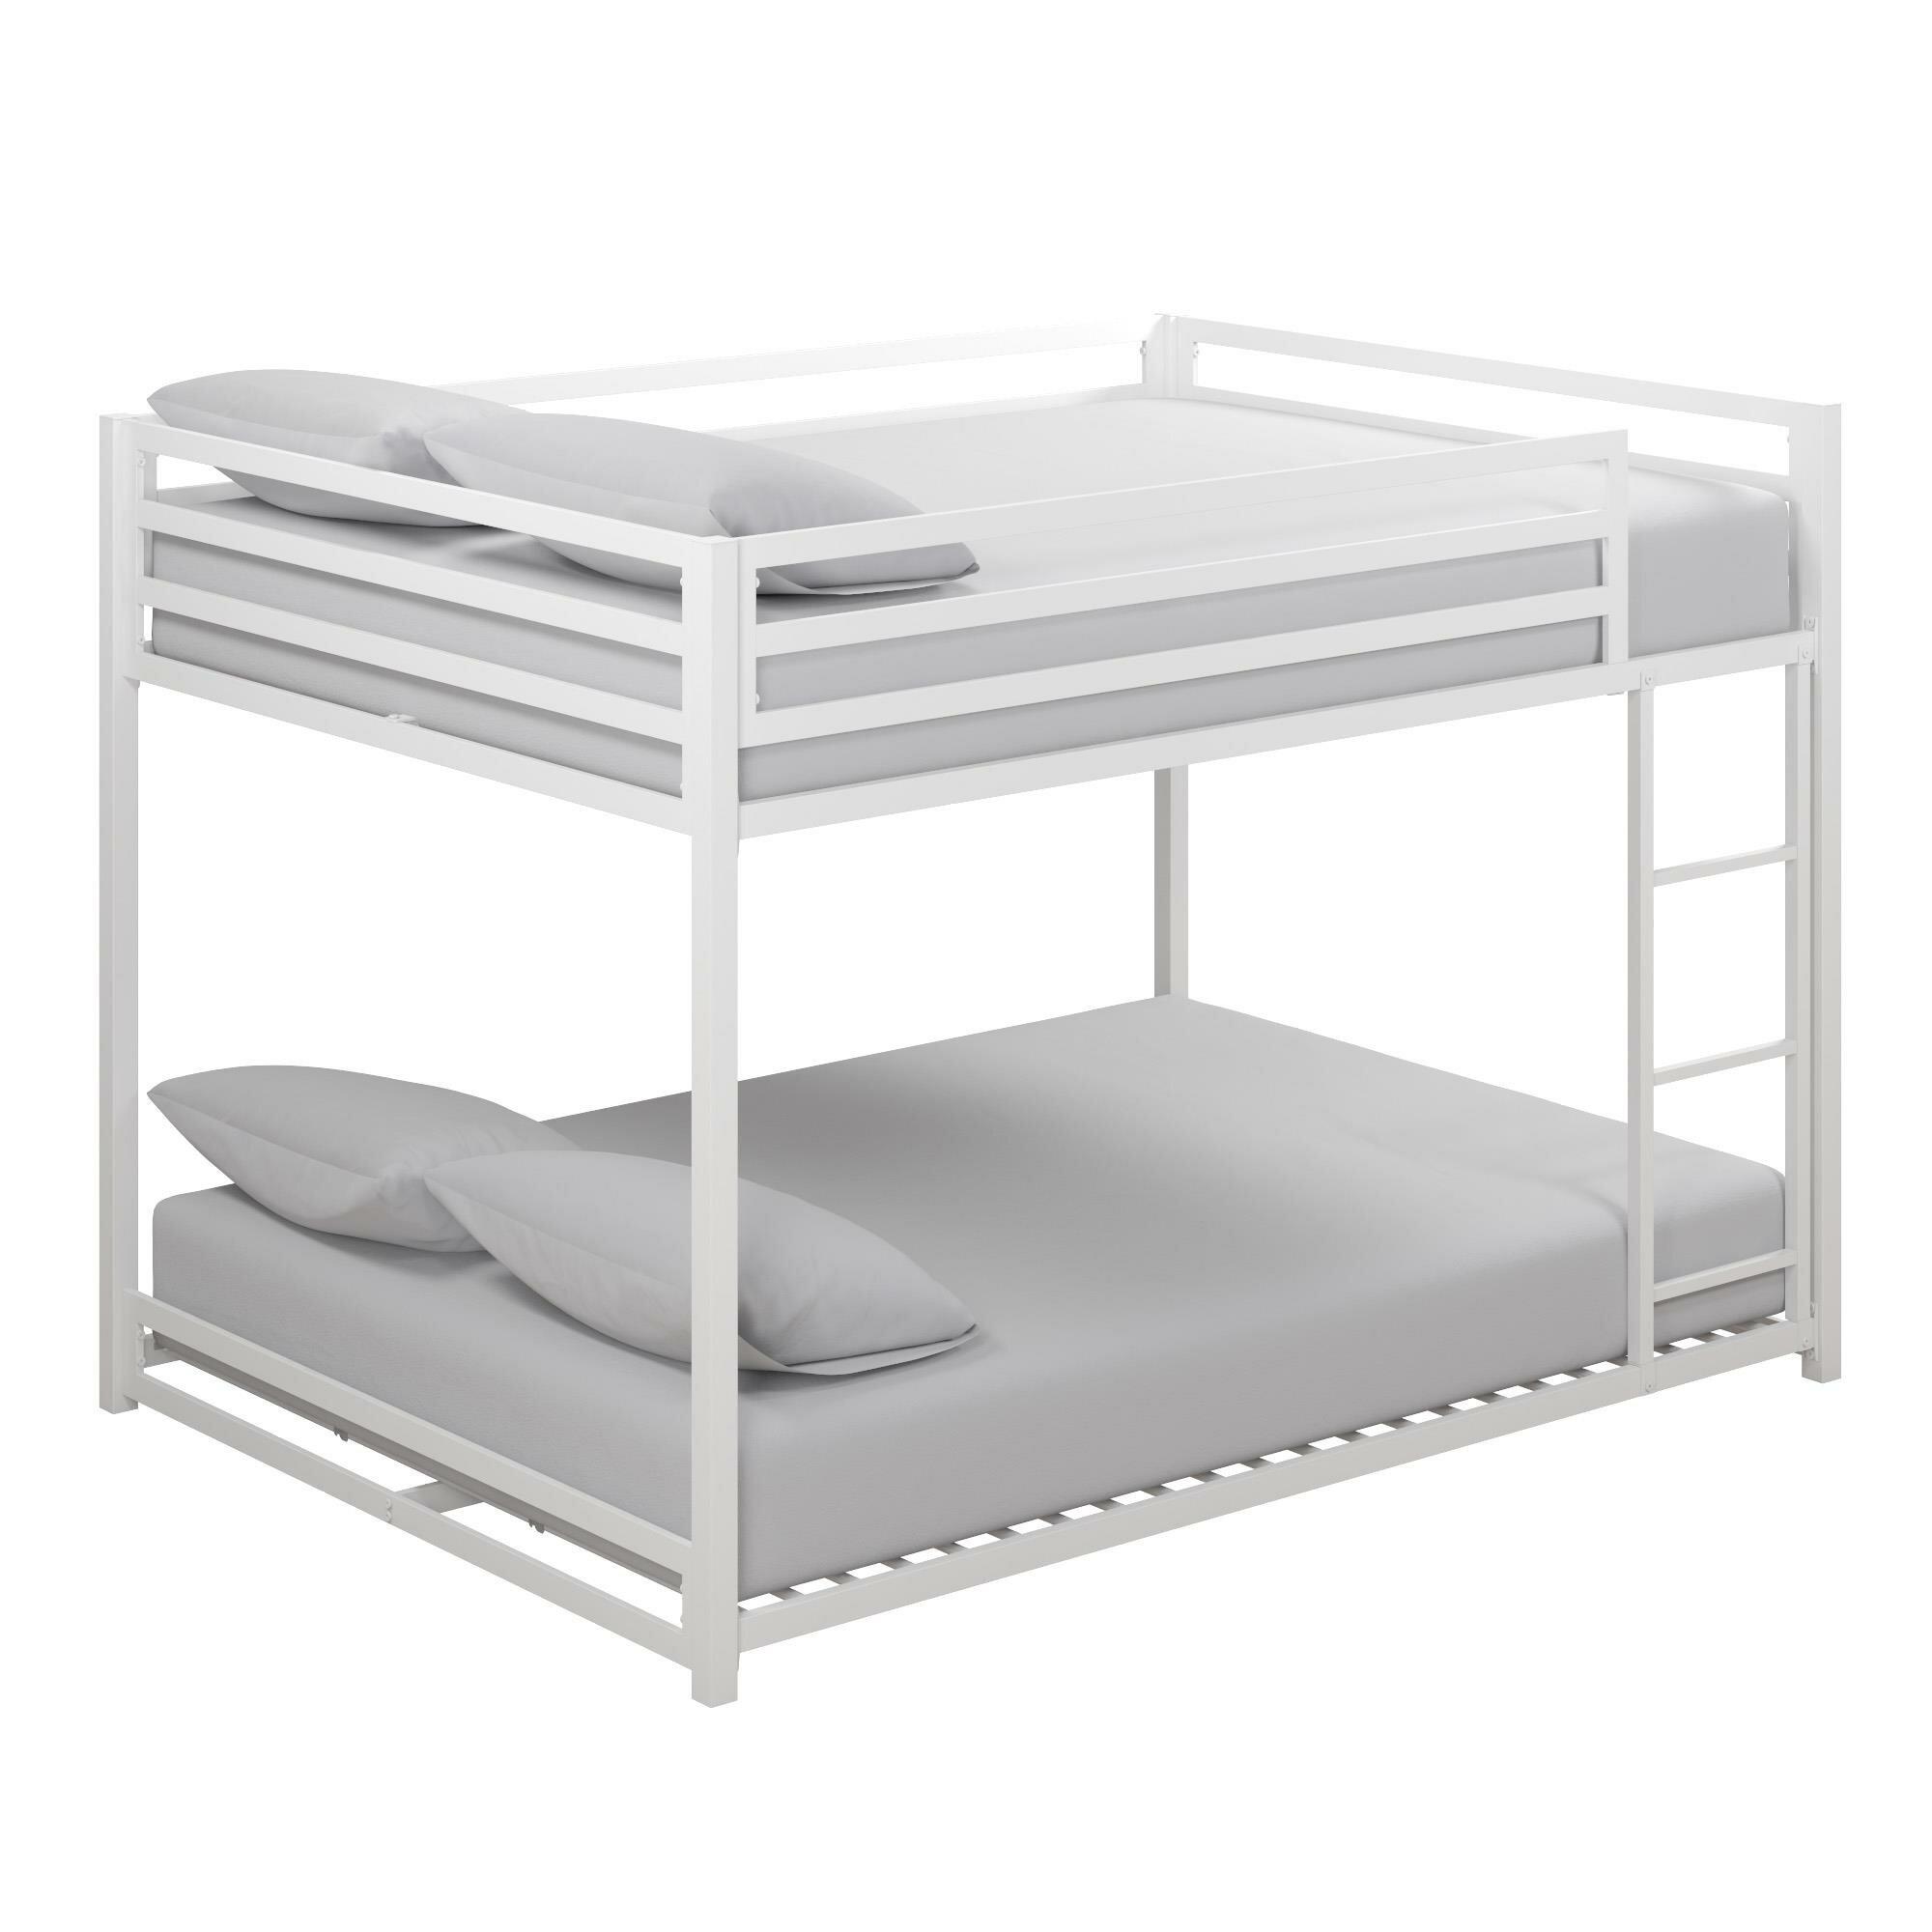 Simoneau Bunk Bed Reviews Allmodern